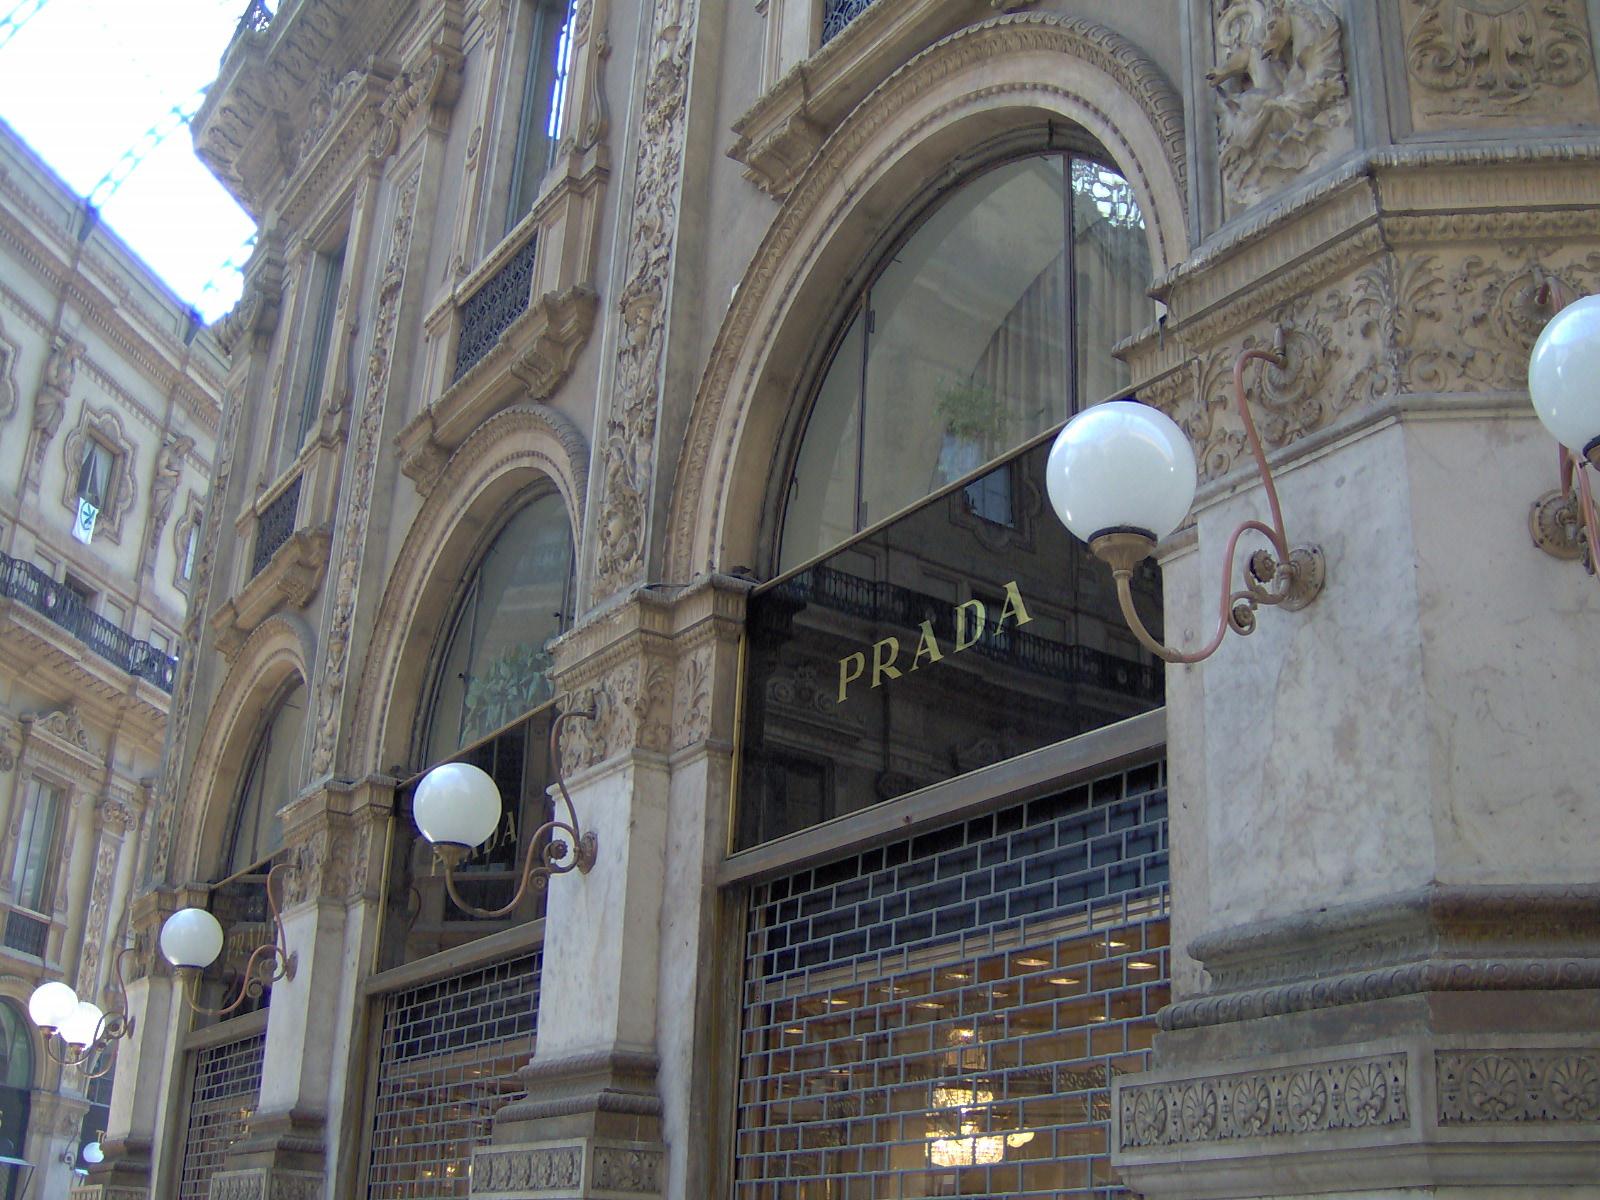 prada_boutique_at_the_galleria_vittorio_emanuele_ii_in_milan_italy.jpg